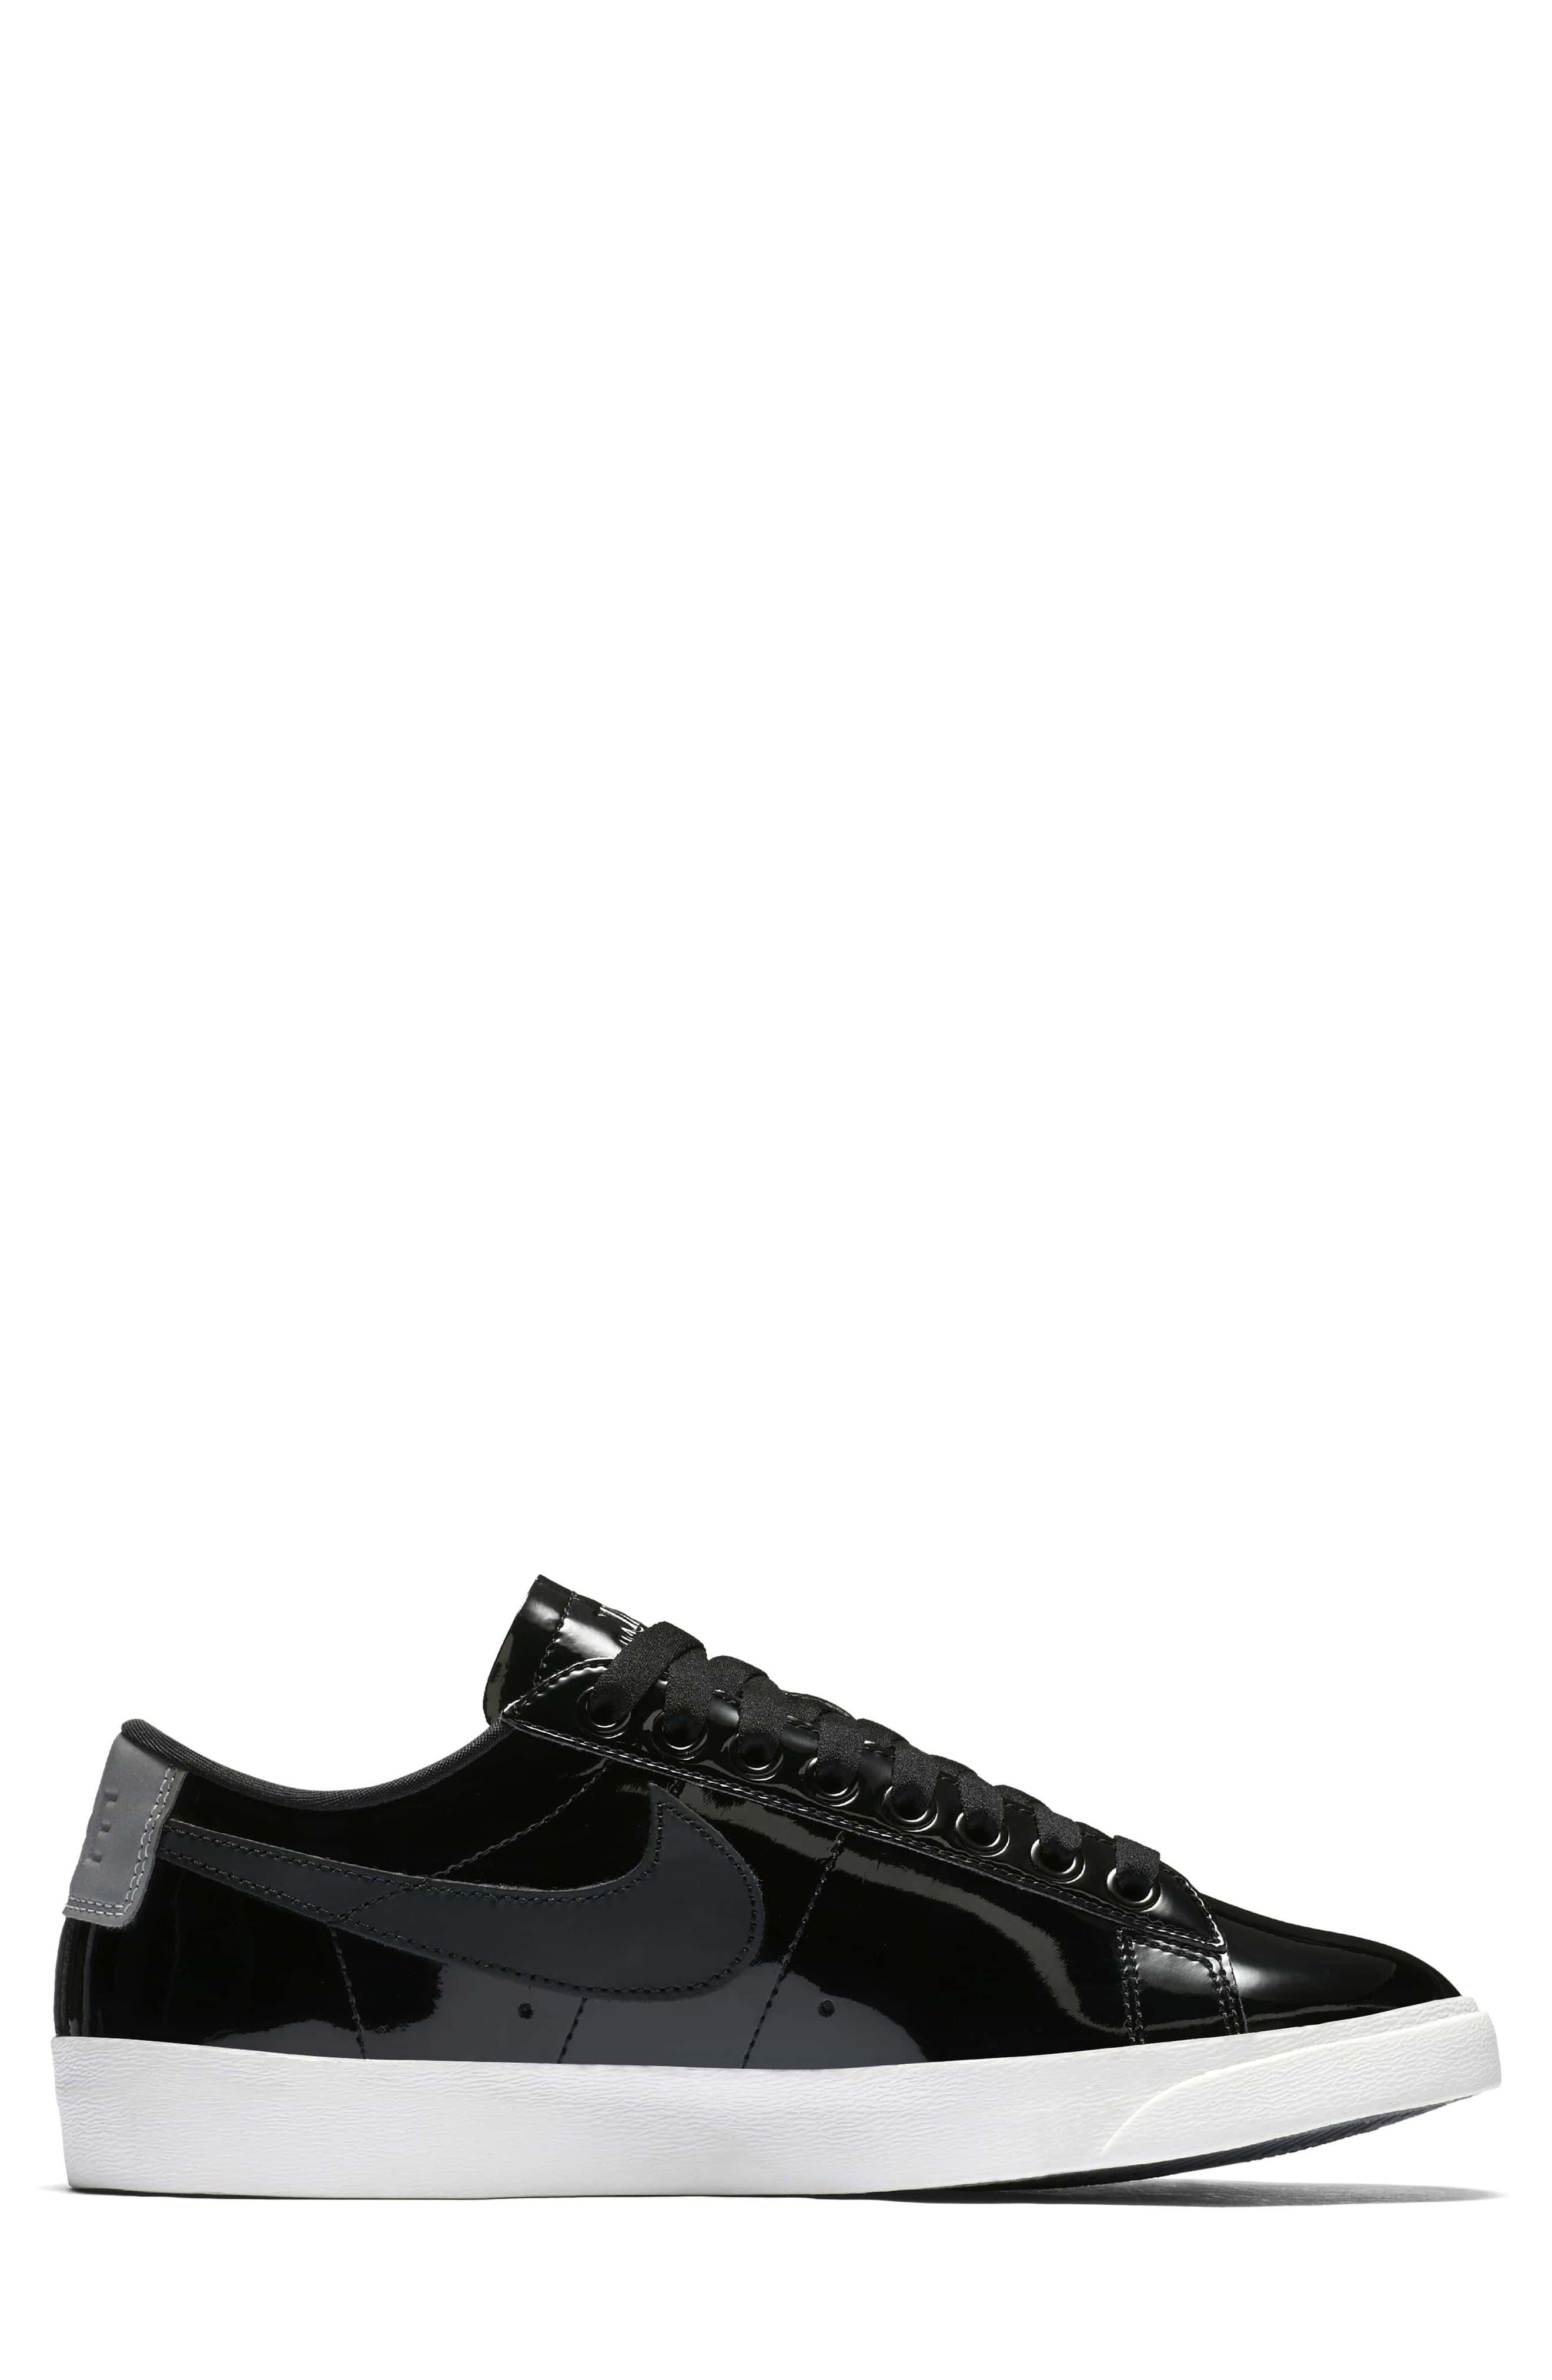 Blazer Low Top Sneaker SE,                             Alternate thumbnail 5, color,                             Black/ Black Reflect Silver